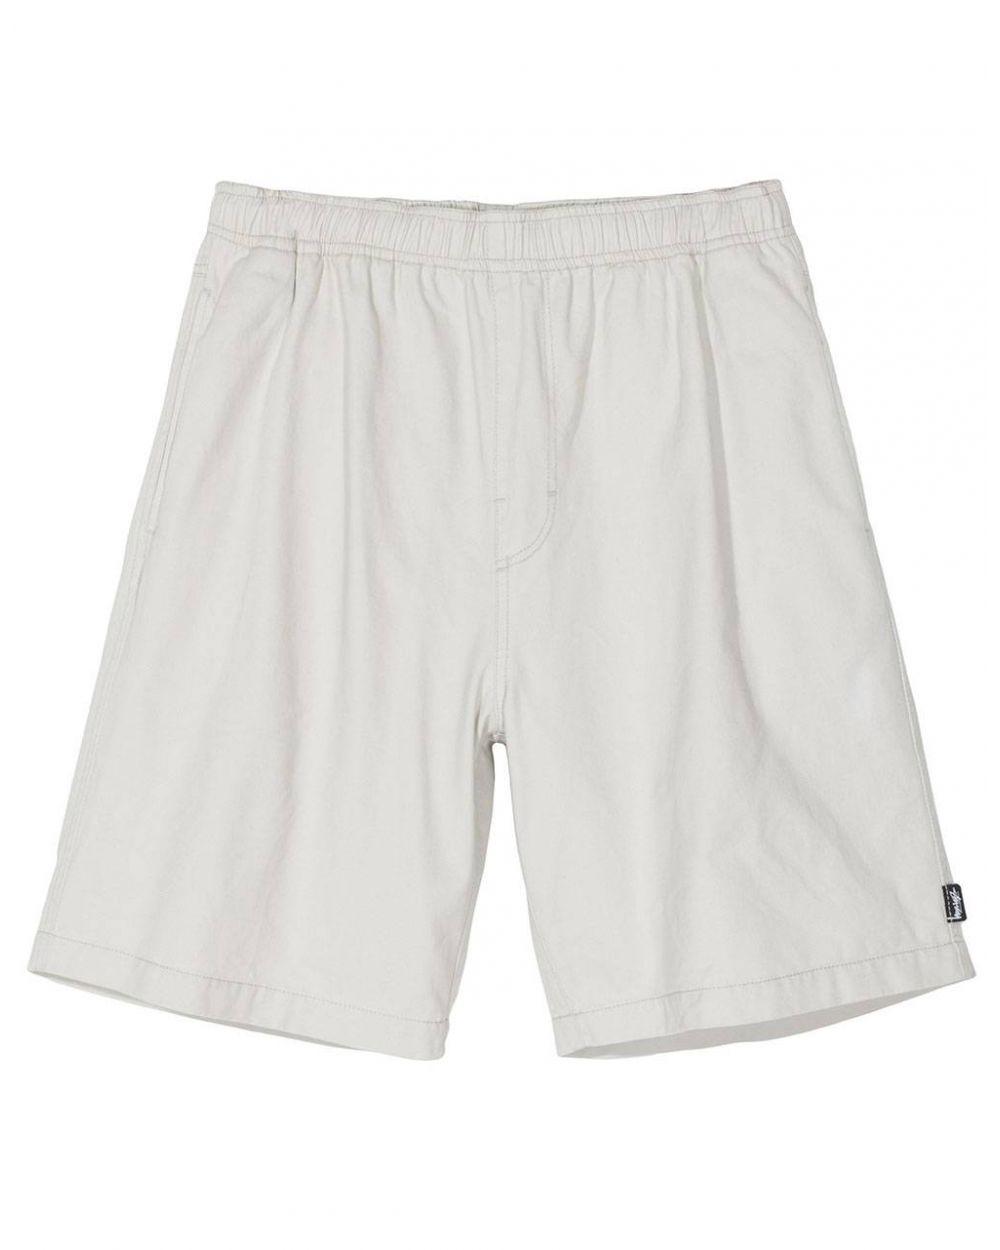 Stussy Brushed beach shorts - bone Stussy Shorts 90,16€